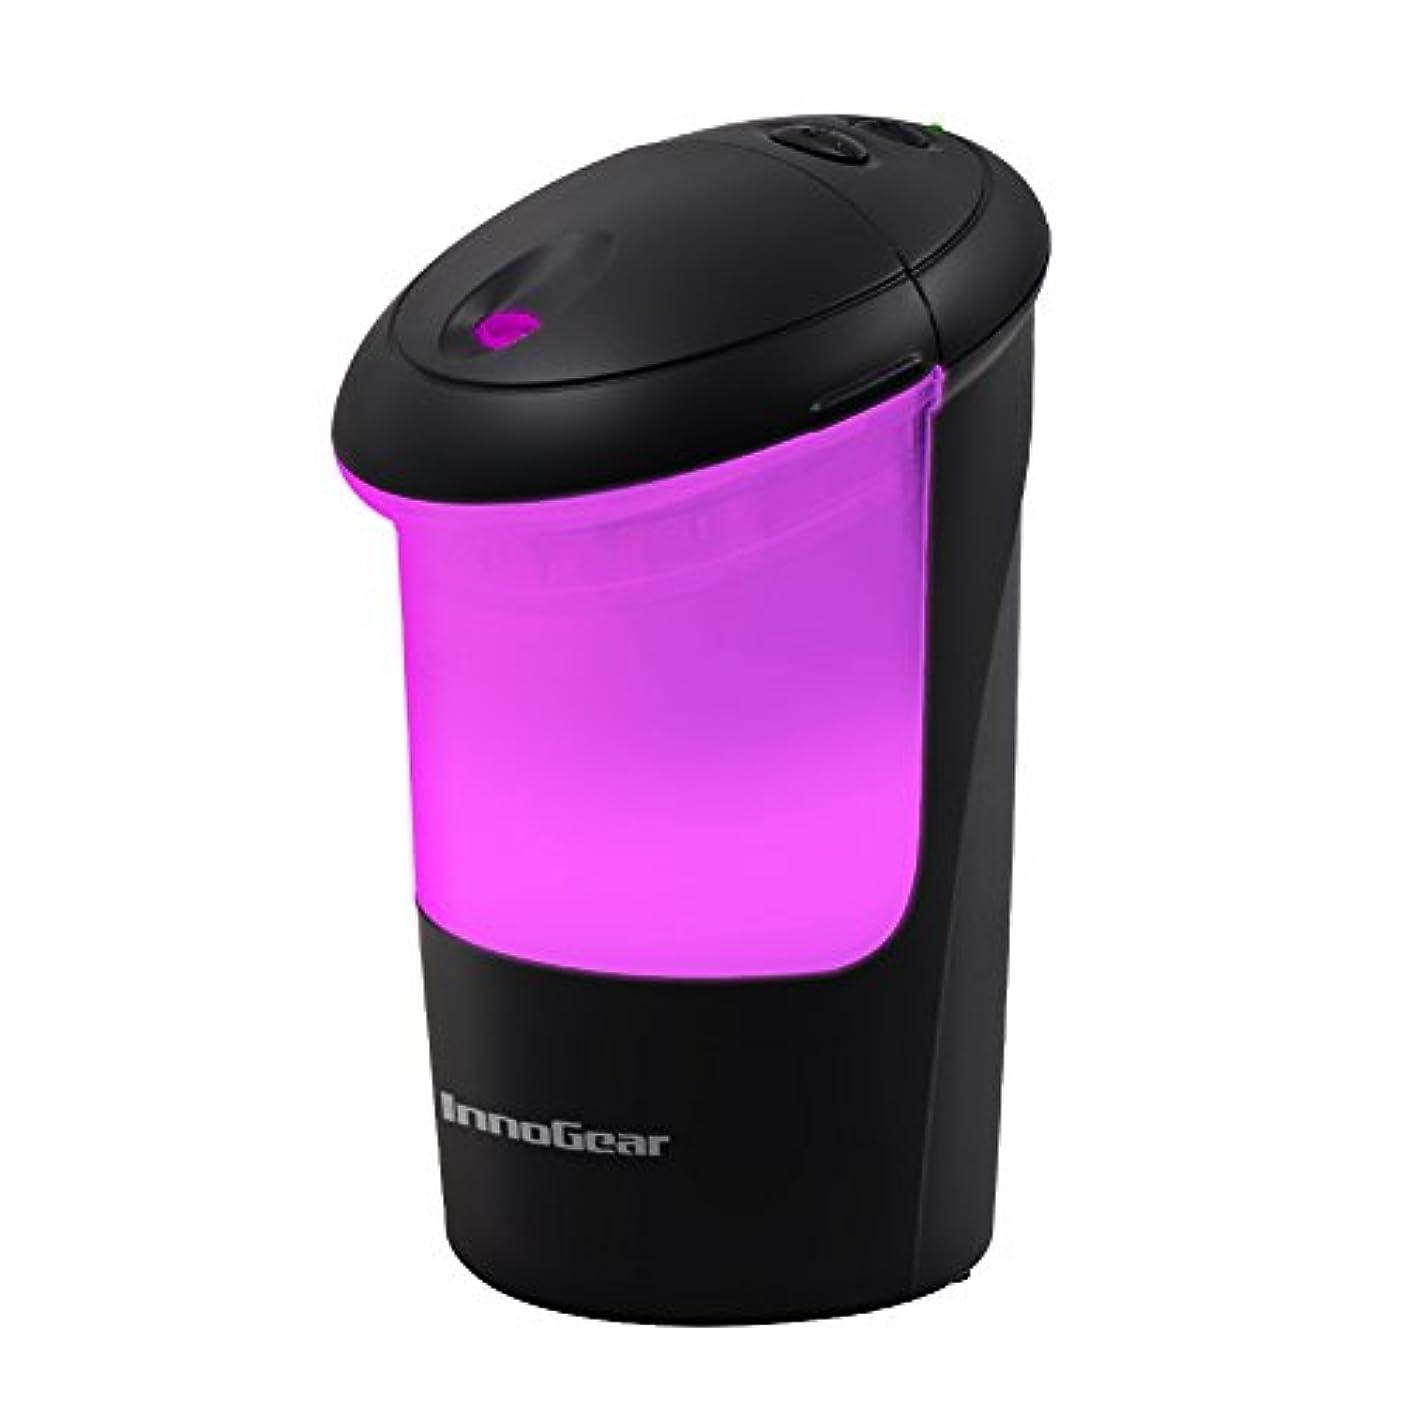 フォージブロー治すInnoGear USB車Essential Oil Diffuser Air Refresher超音波アロマテラピーDiffusers with 7カラフルなLEDライトオフィス旅行ホーム車の ブラック UD50